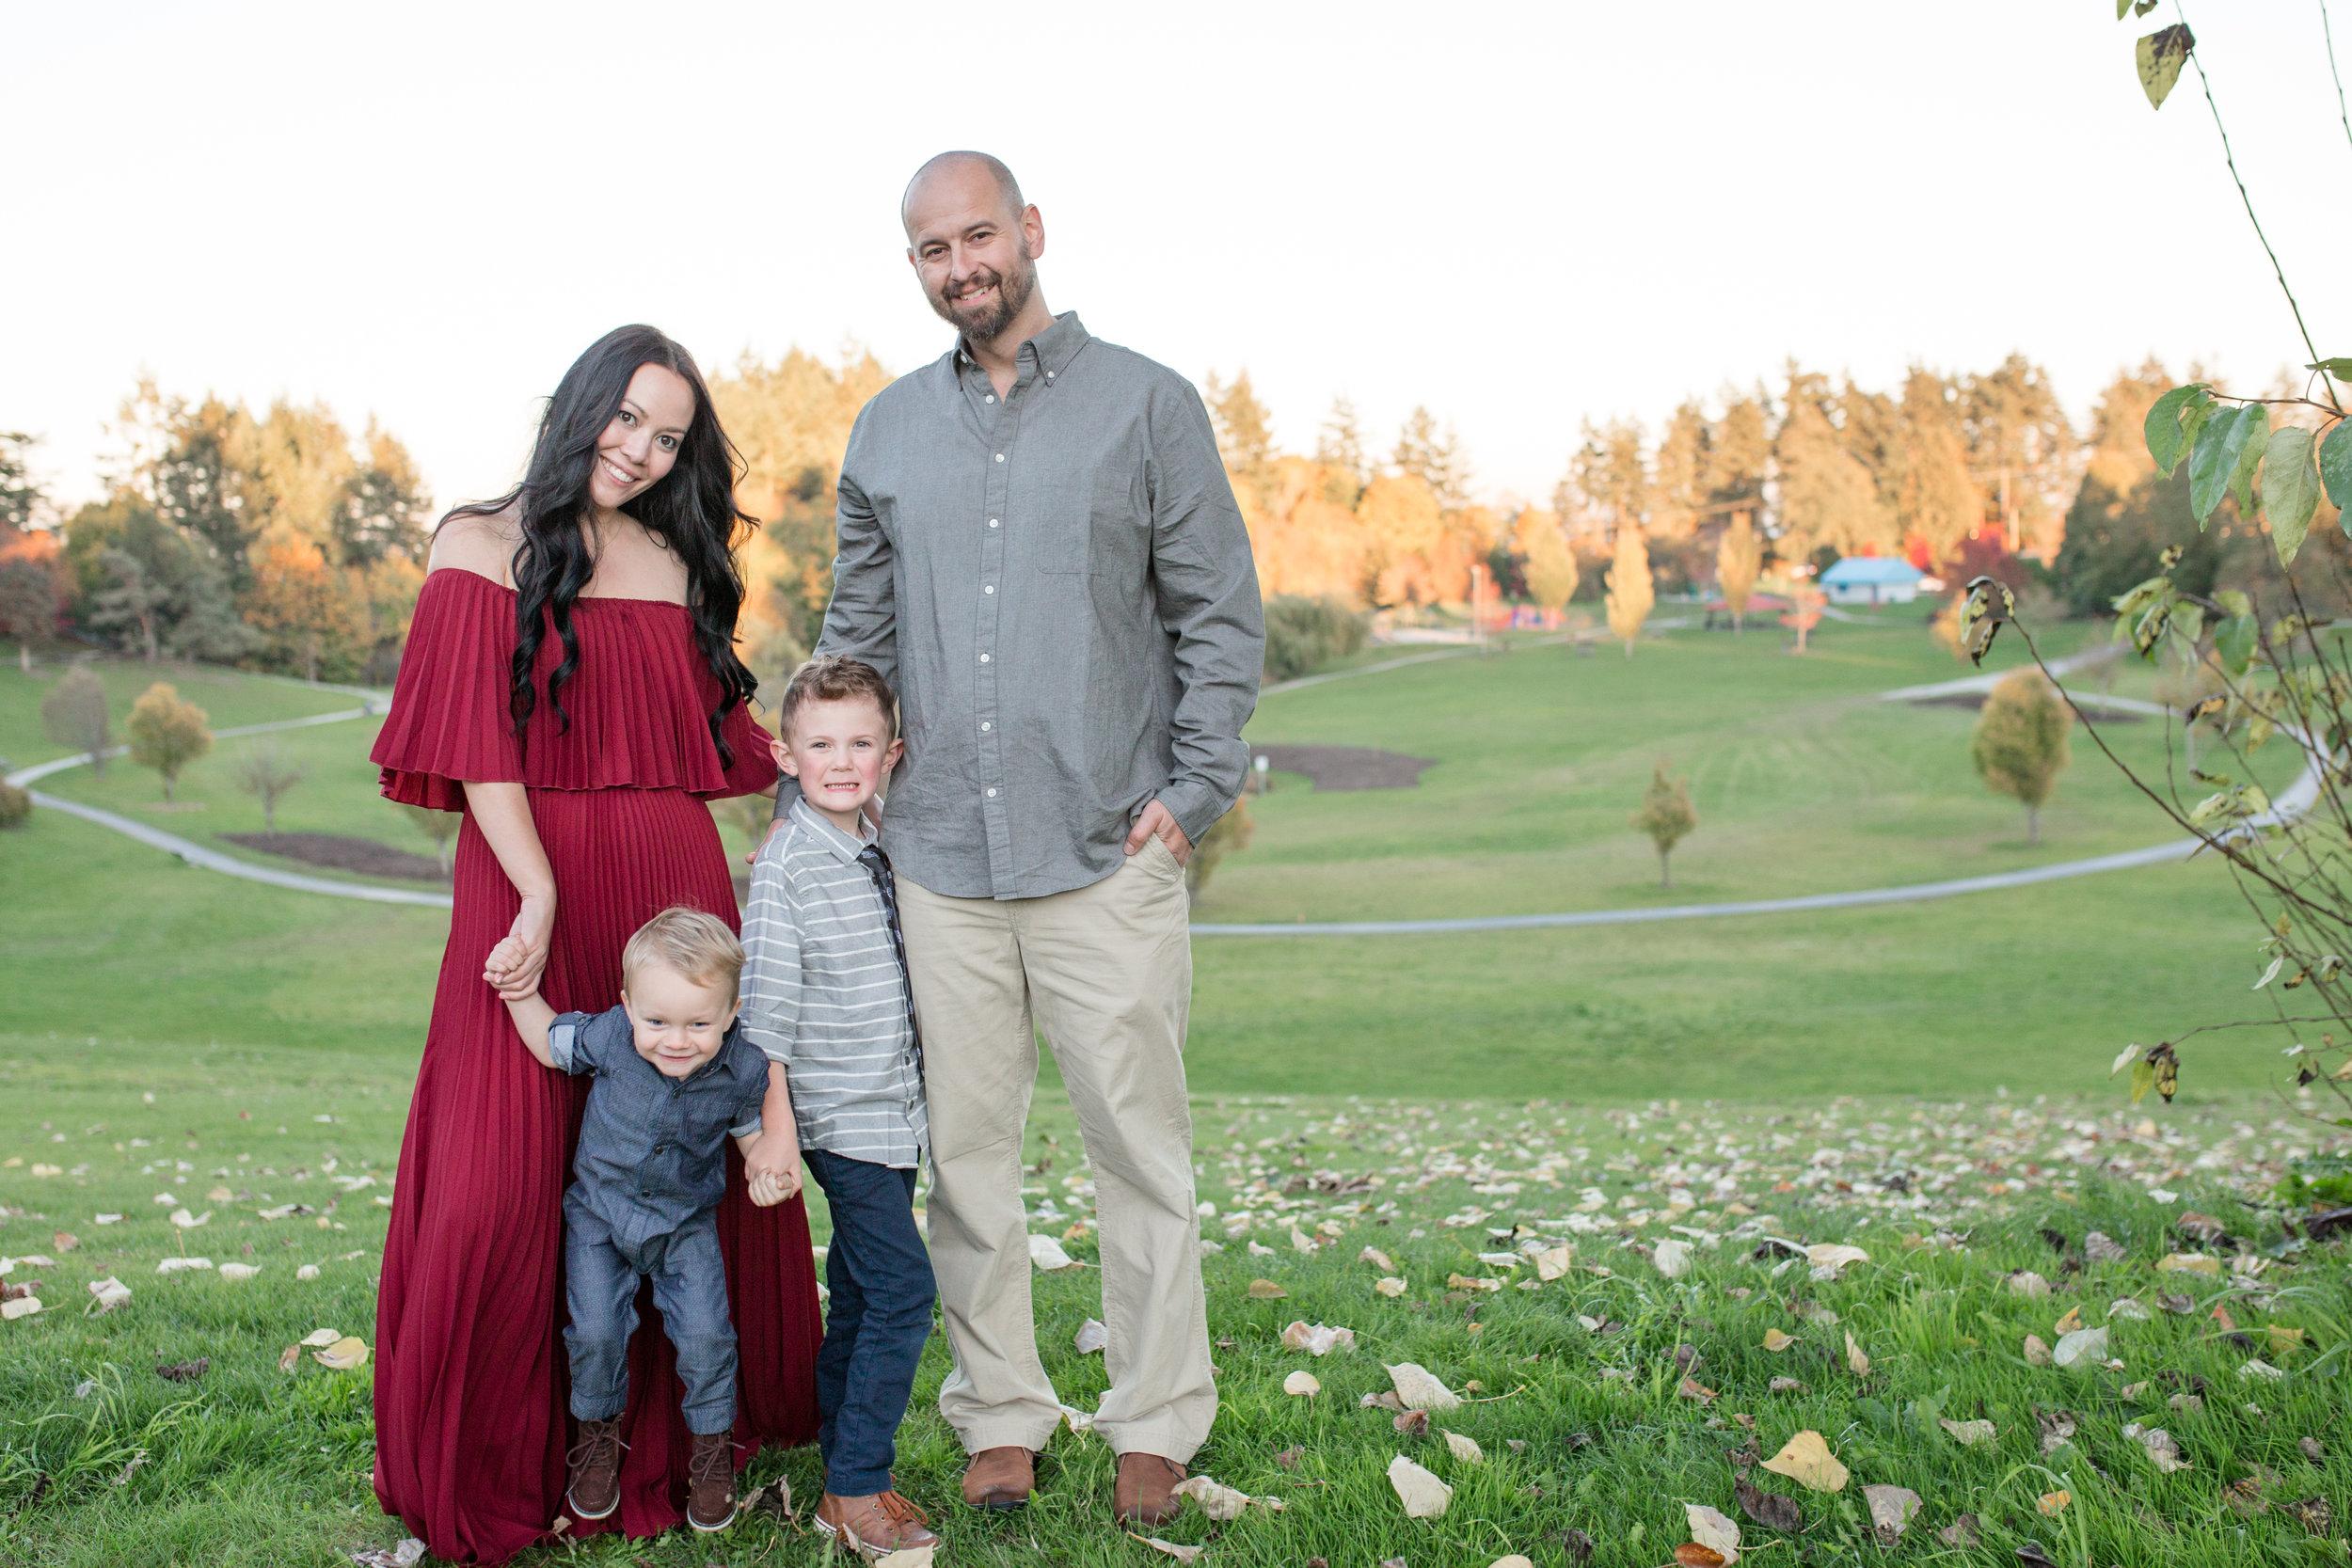 Diefenbaker Park Family Photos 2018-5.jpg